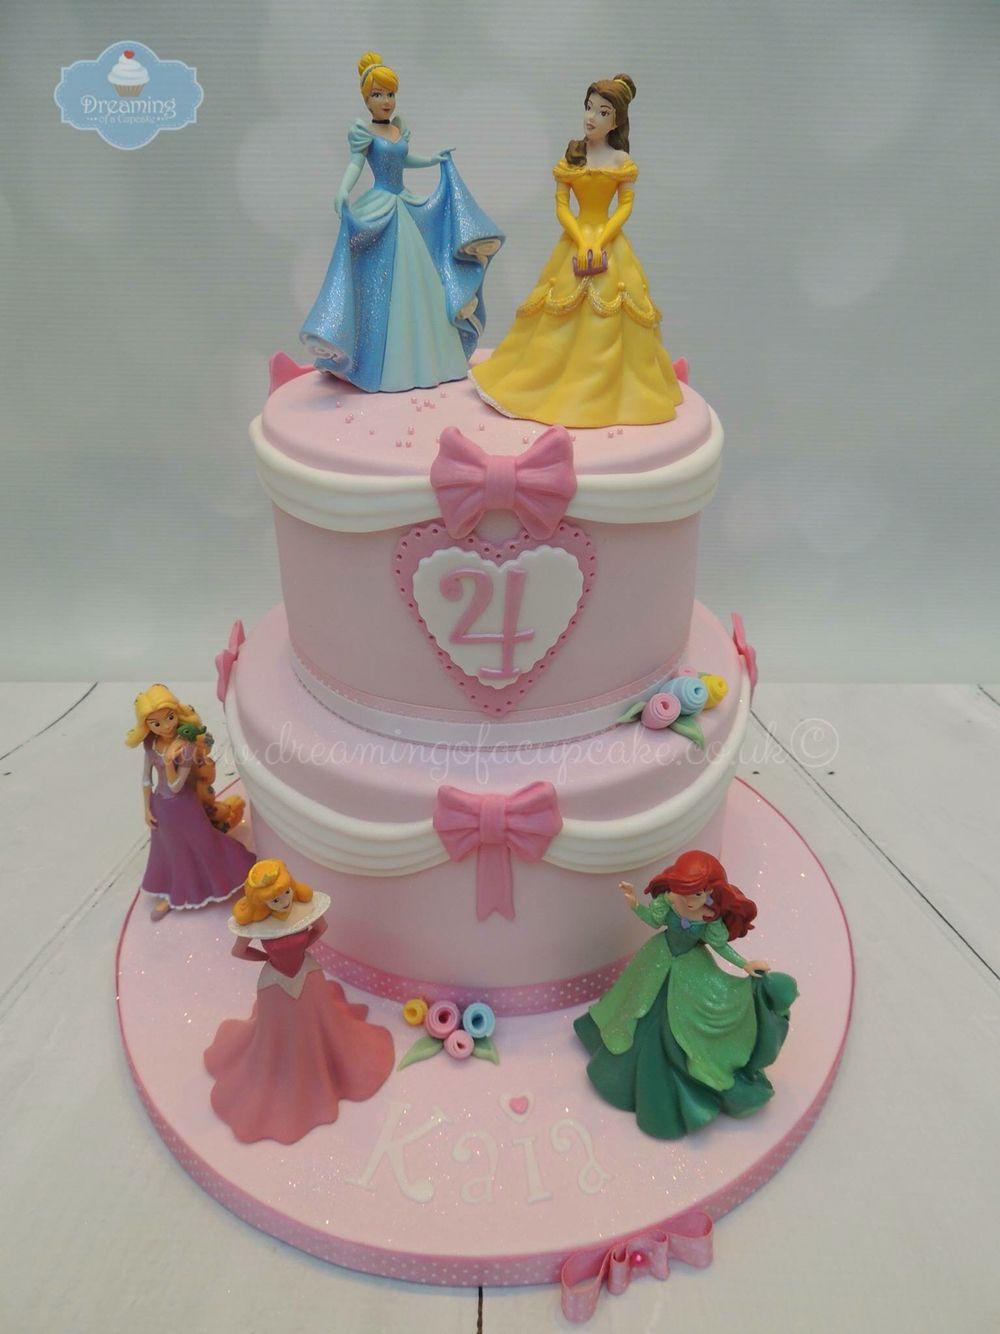 2 Tier Disney Princess Cake Kids Birthdays Disney Princess